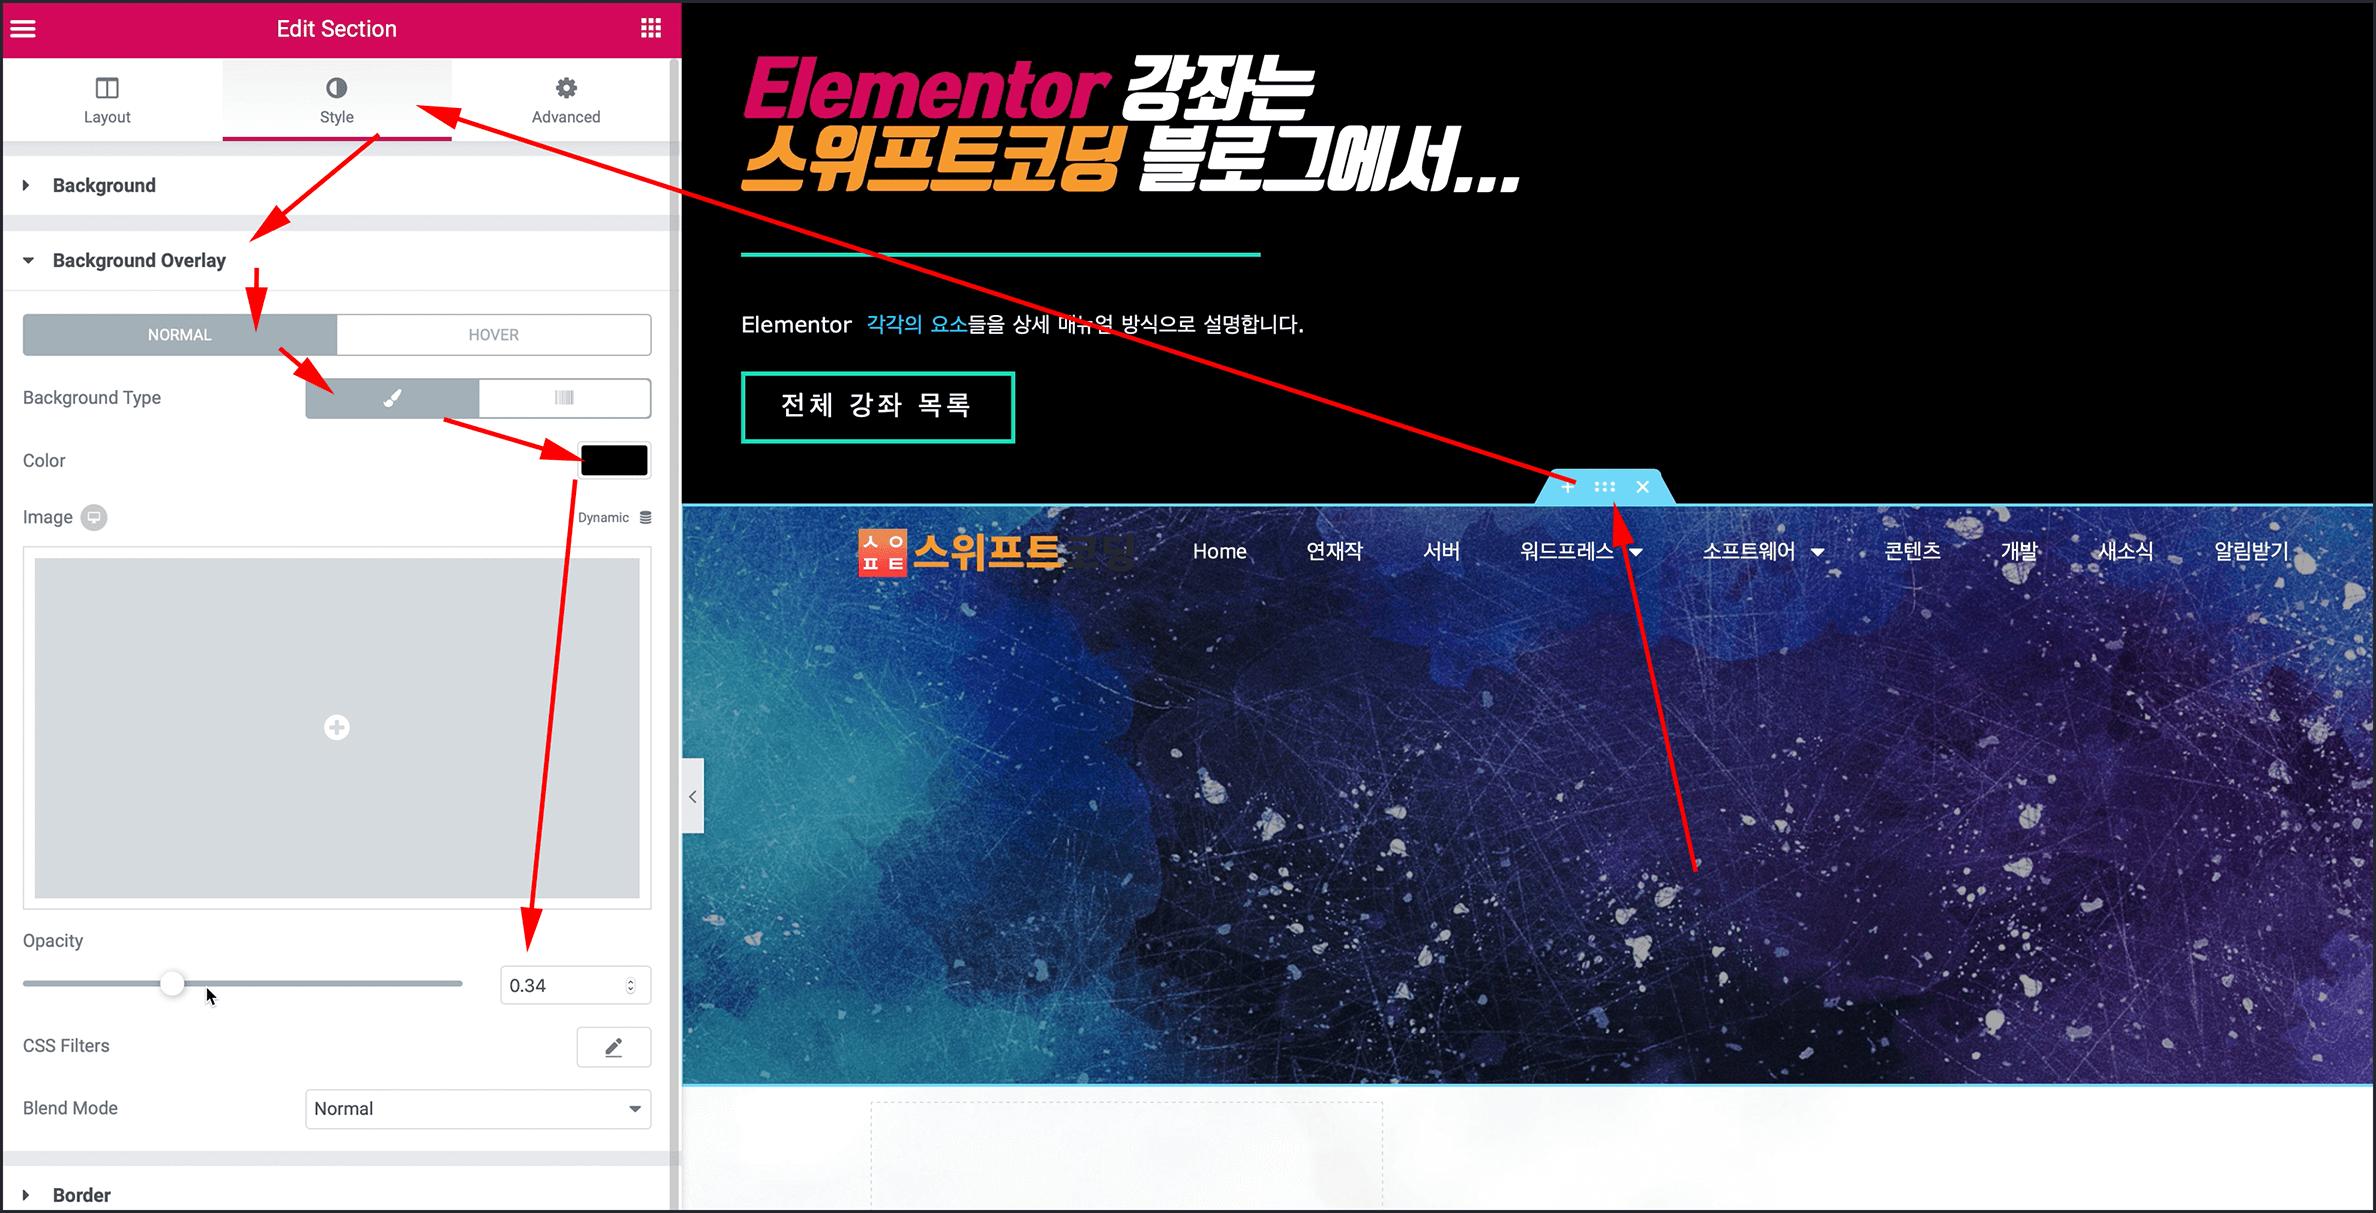 섹션의 Background Overlay 검은색, Opacity는 0.34